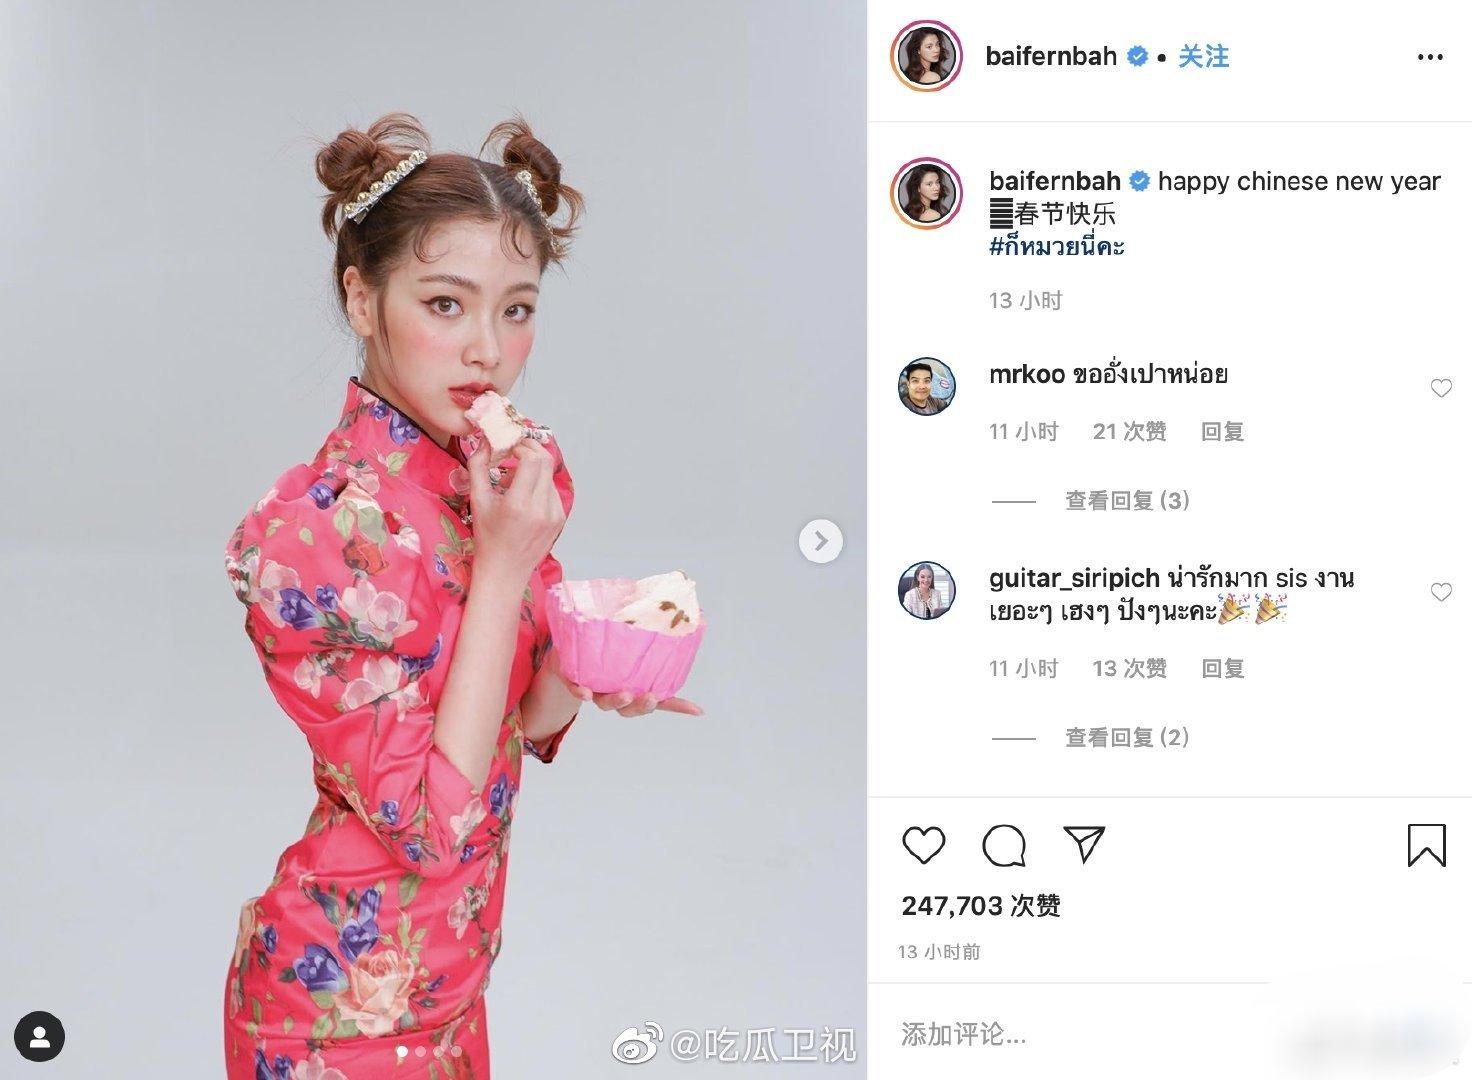 小水平采娜ins用中文发了新春快乐,还有美女姐姐的丸子头旗袍照